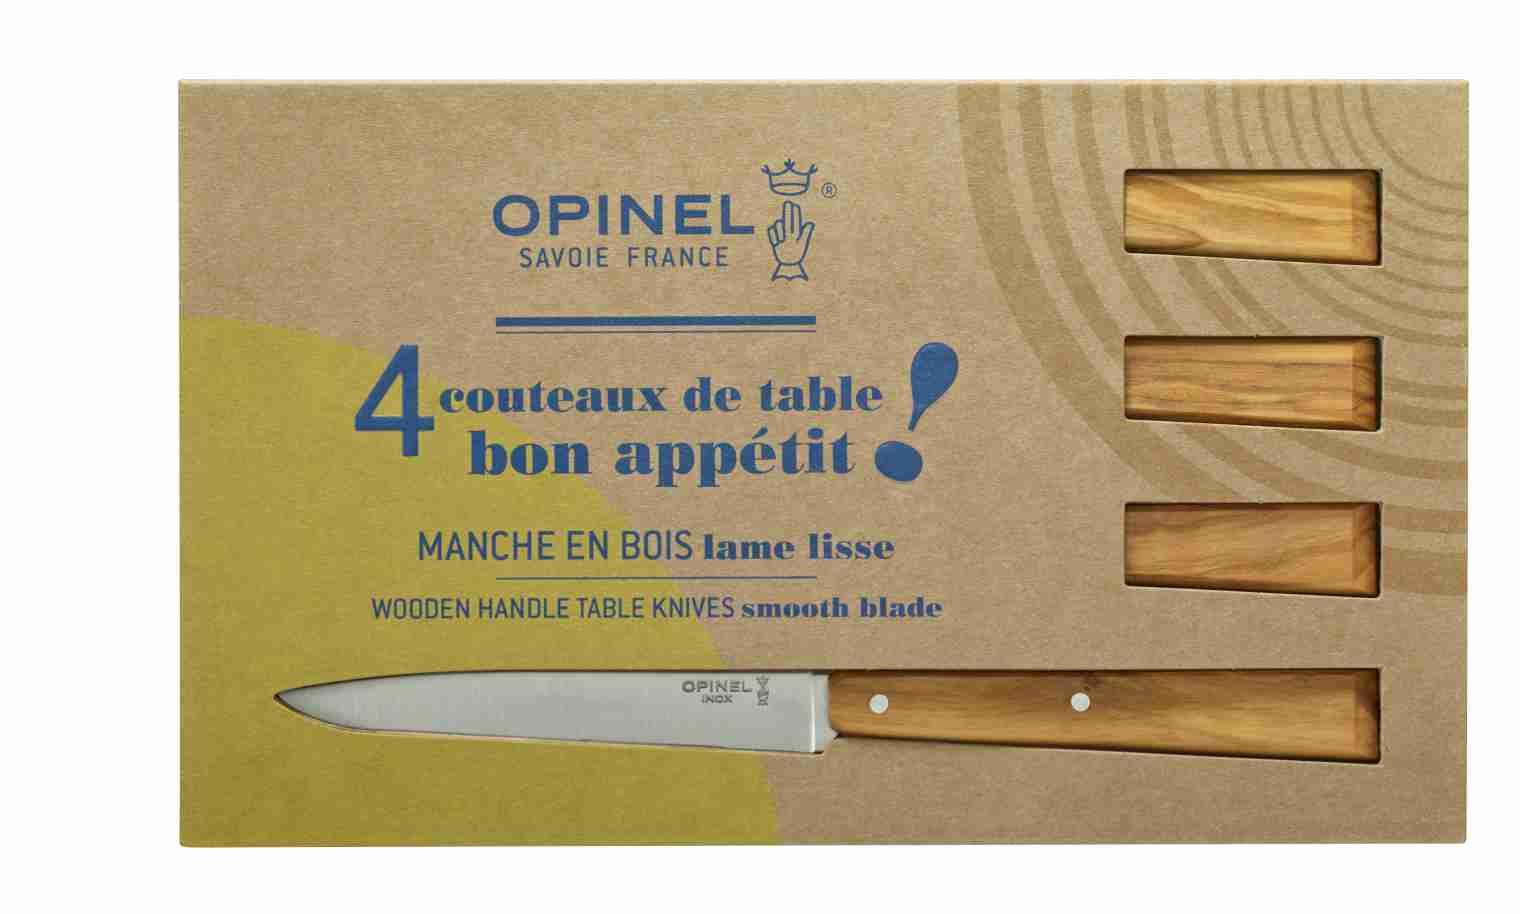 Coffret De 4 Couteaux De Table N125 Bon Appetit Sud Opinel